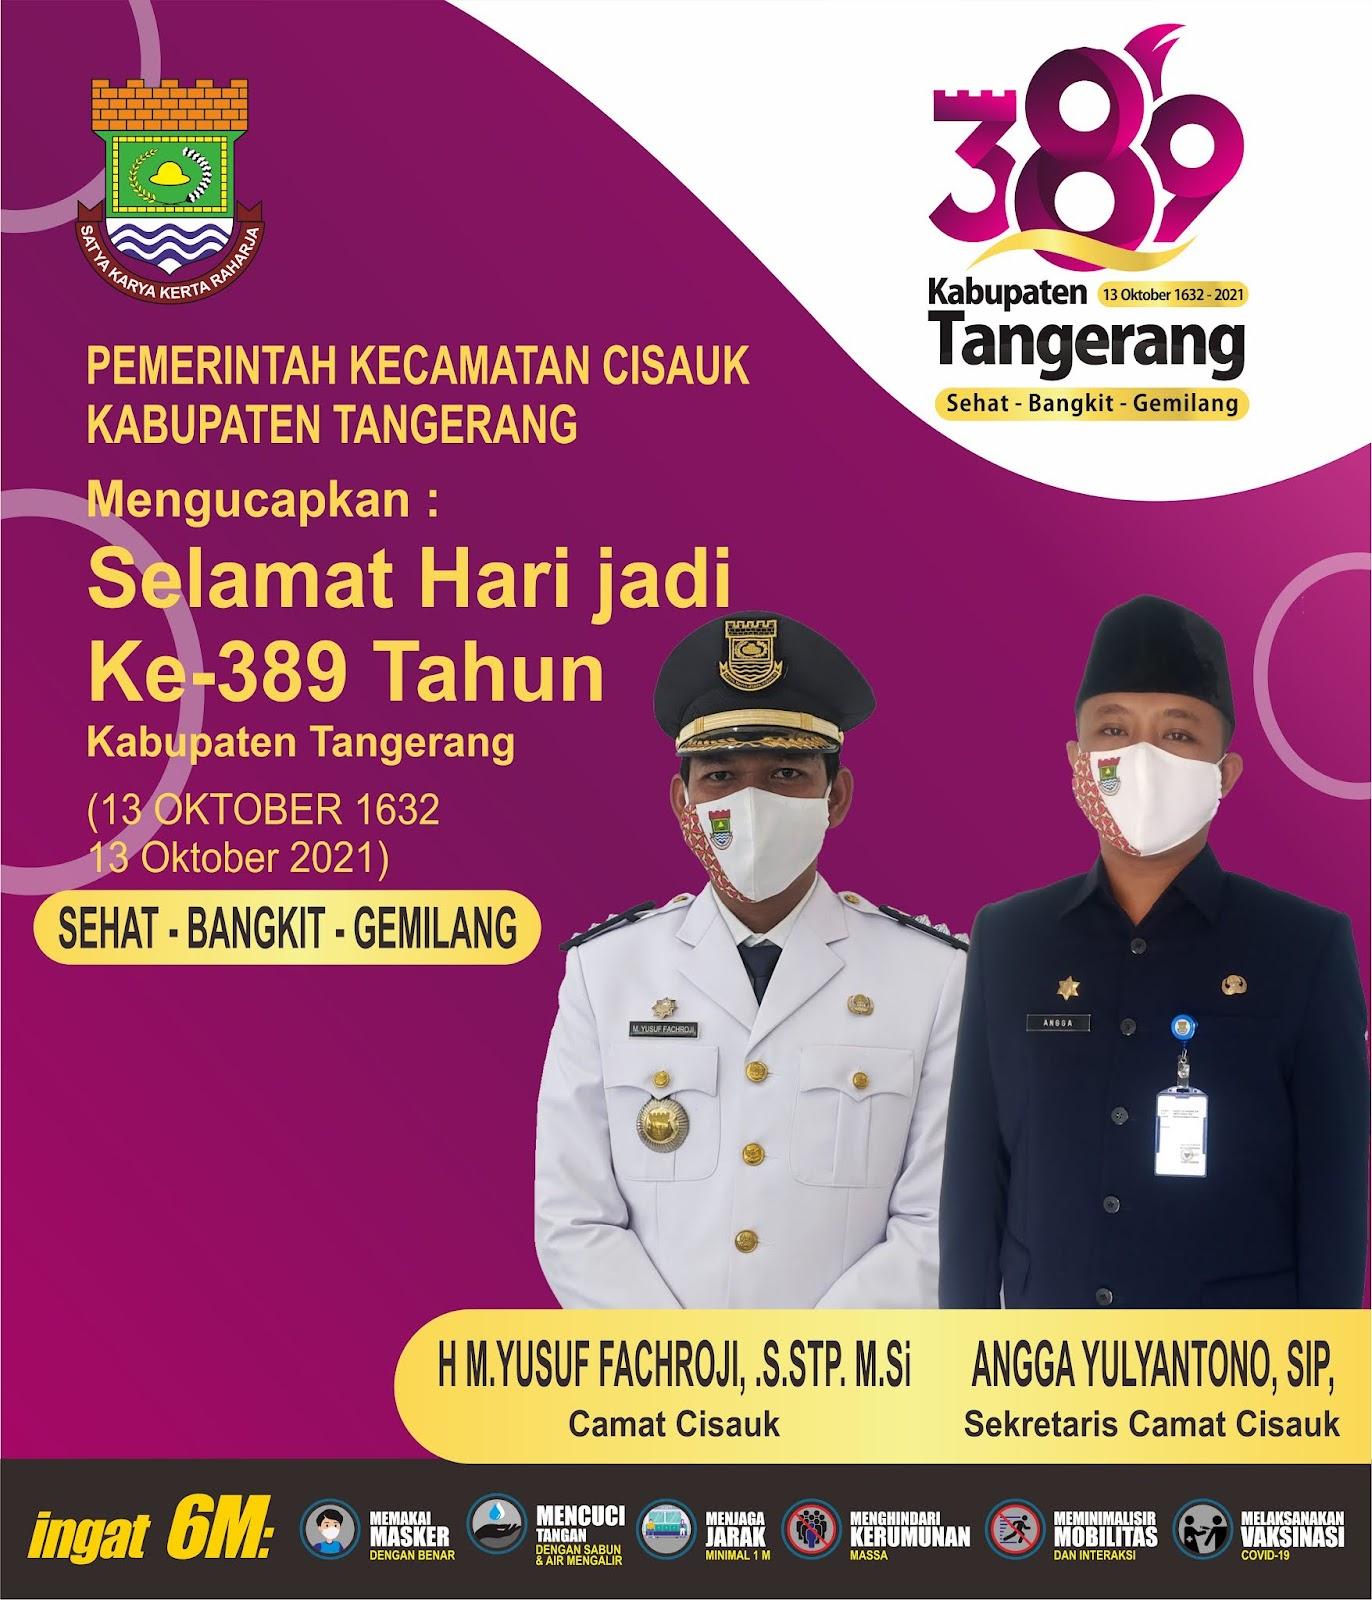 Pemerintah Kecamatan Cisauk Ucapakan Hari jadi Kabupaten Tangerang Ke-389